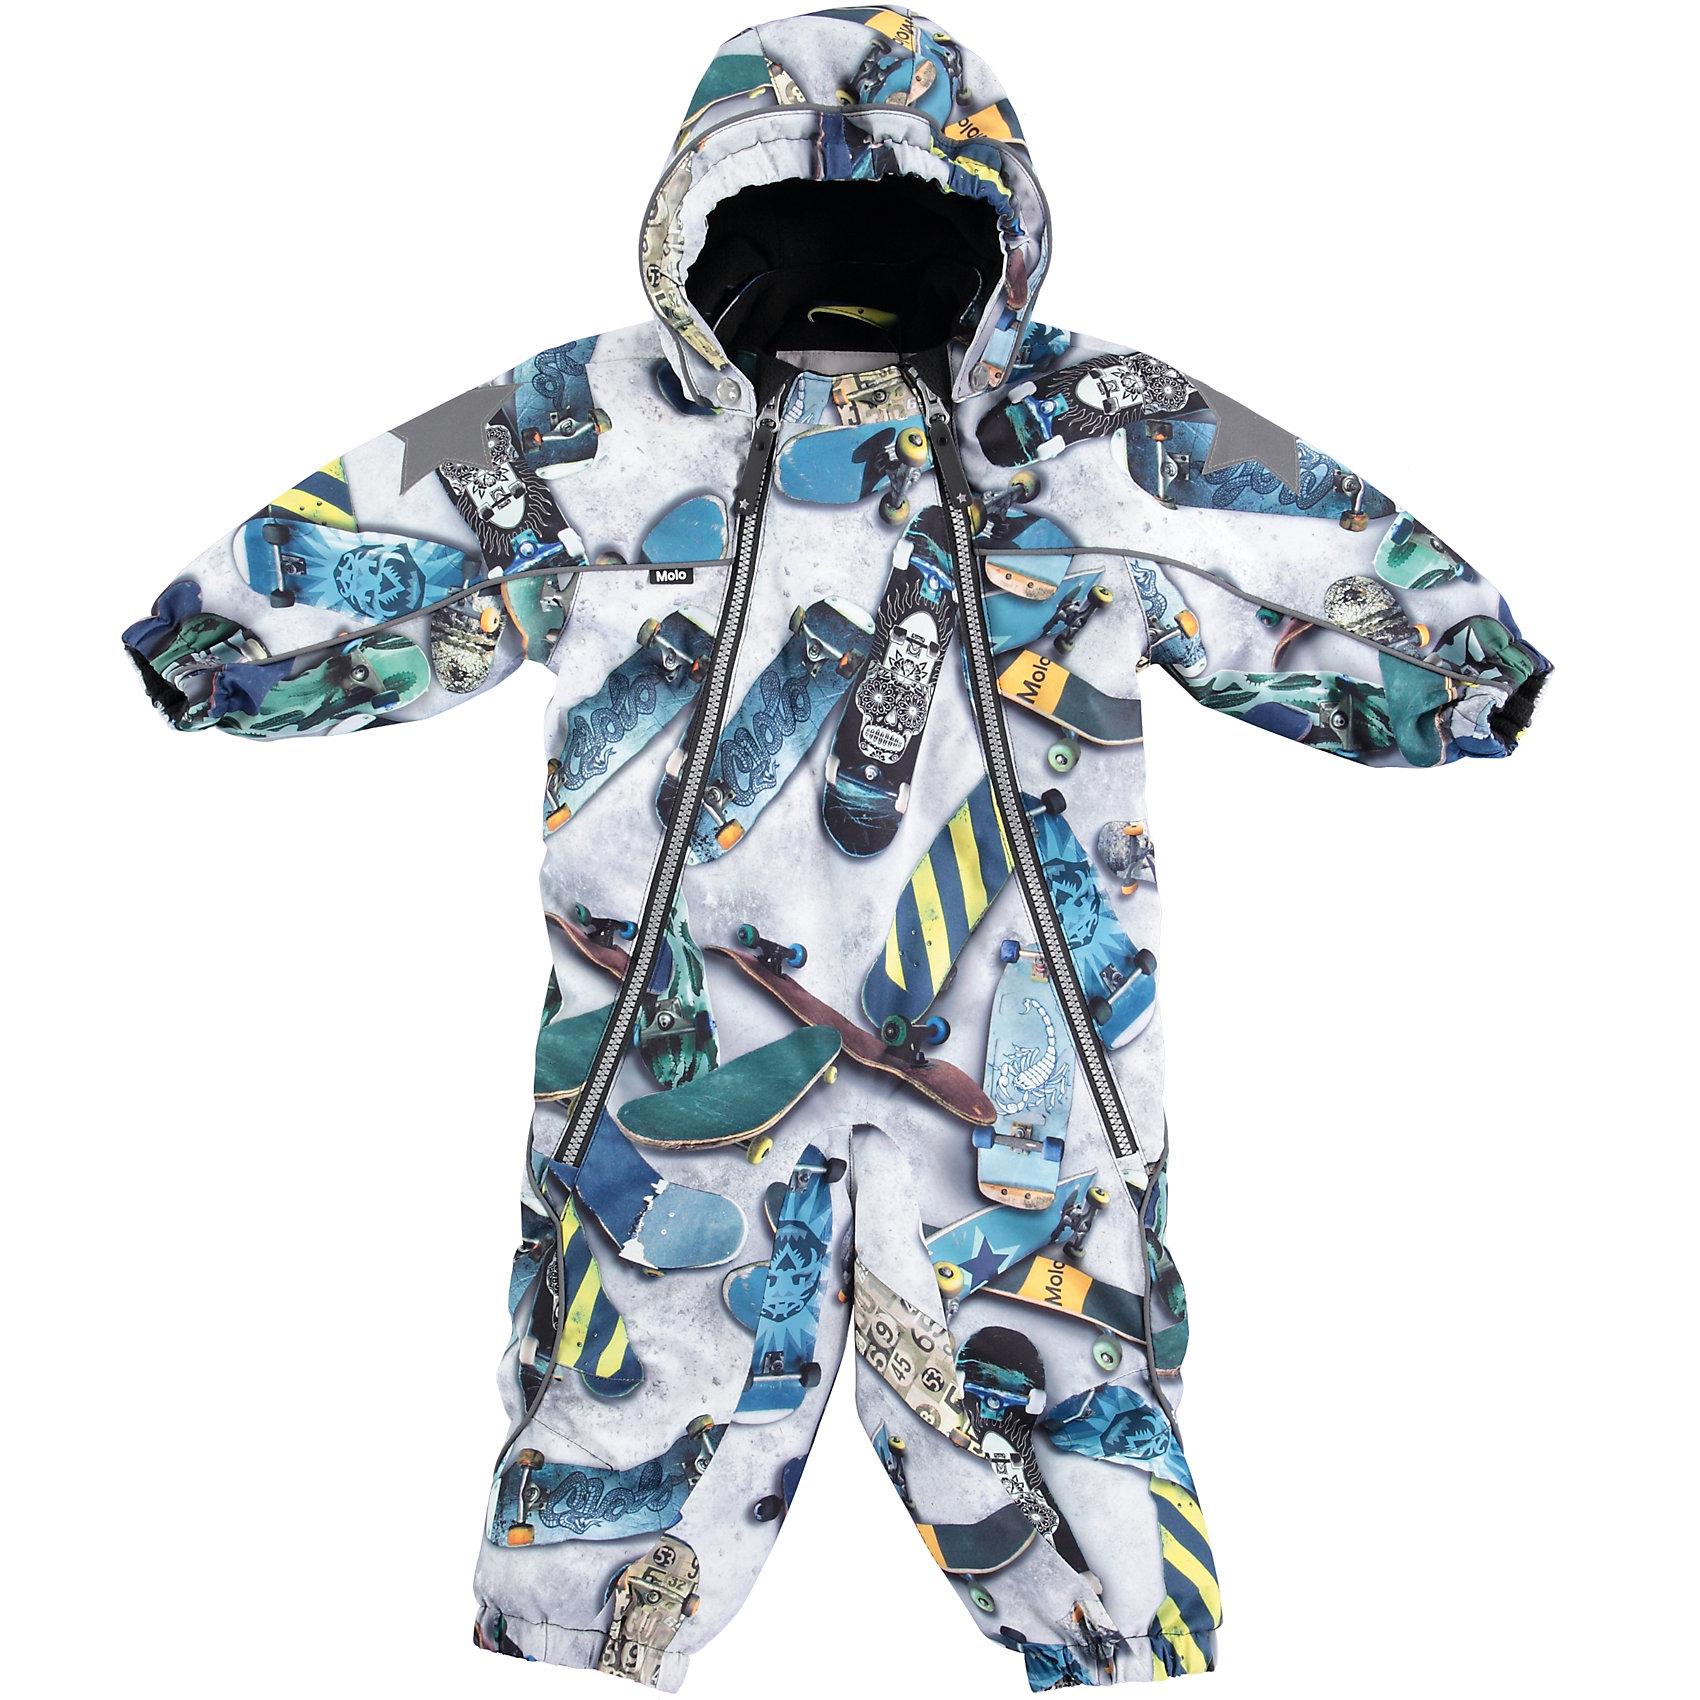 Комбинезон MOLO для мальчикаВерхняя одежда<br>Зимний комбинезон Molo <br>• состав: 100% нейлон, 100% полиэстер<br>• температурный режим: 0° до -25° градусов<br>• утеплитель:  ThinsulateTM  прекрасно сохраняющий тепло,  позволяет телу дышать и остается при этом сухим и легким<br>• водонепроницаемость: 10 000 мм<br>• отвод влаги: 8 000 г/м2/24ч<br>• основные швы проклеены<br>• съёмный капюшон<br>• удобные молнии<br>• «дышащий» материал<br>• ветро- водо- и грязеотталкивающий материал<br>• ветрозащитная планка<br>• комфортная посадка<br>• прочные съёмные силиконовые штрипки<br>• страна производства: Китай<br>• страна бренда: Дания <br> Фантастический и причудливый датский бренд Molo это самый актуальный и стильный дизайн в детской одежде для маленьких модников.<br><br>Ширина мм: 215<br>Глубина мм: 88<br>Высота мм: 191<br>Вес г: 336<br>Цвет: белый<br>Возраст от месяцев: 24<br>Возраст до месяцев: 36<br>Пол: Мужской<br>Возраст: Детский<br>Размер: 98,80,86,92<br>SKU: 6995012